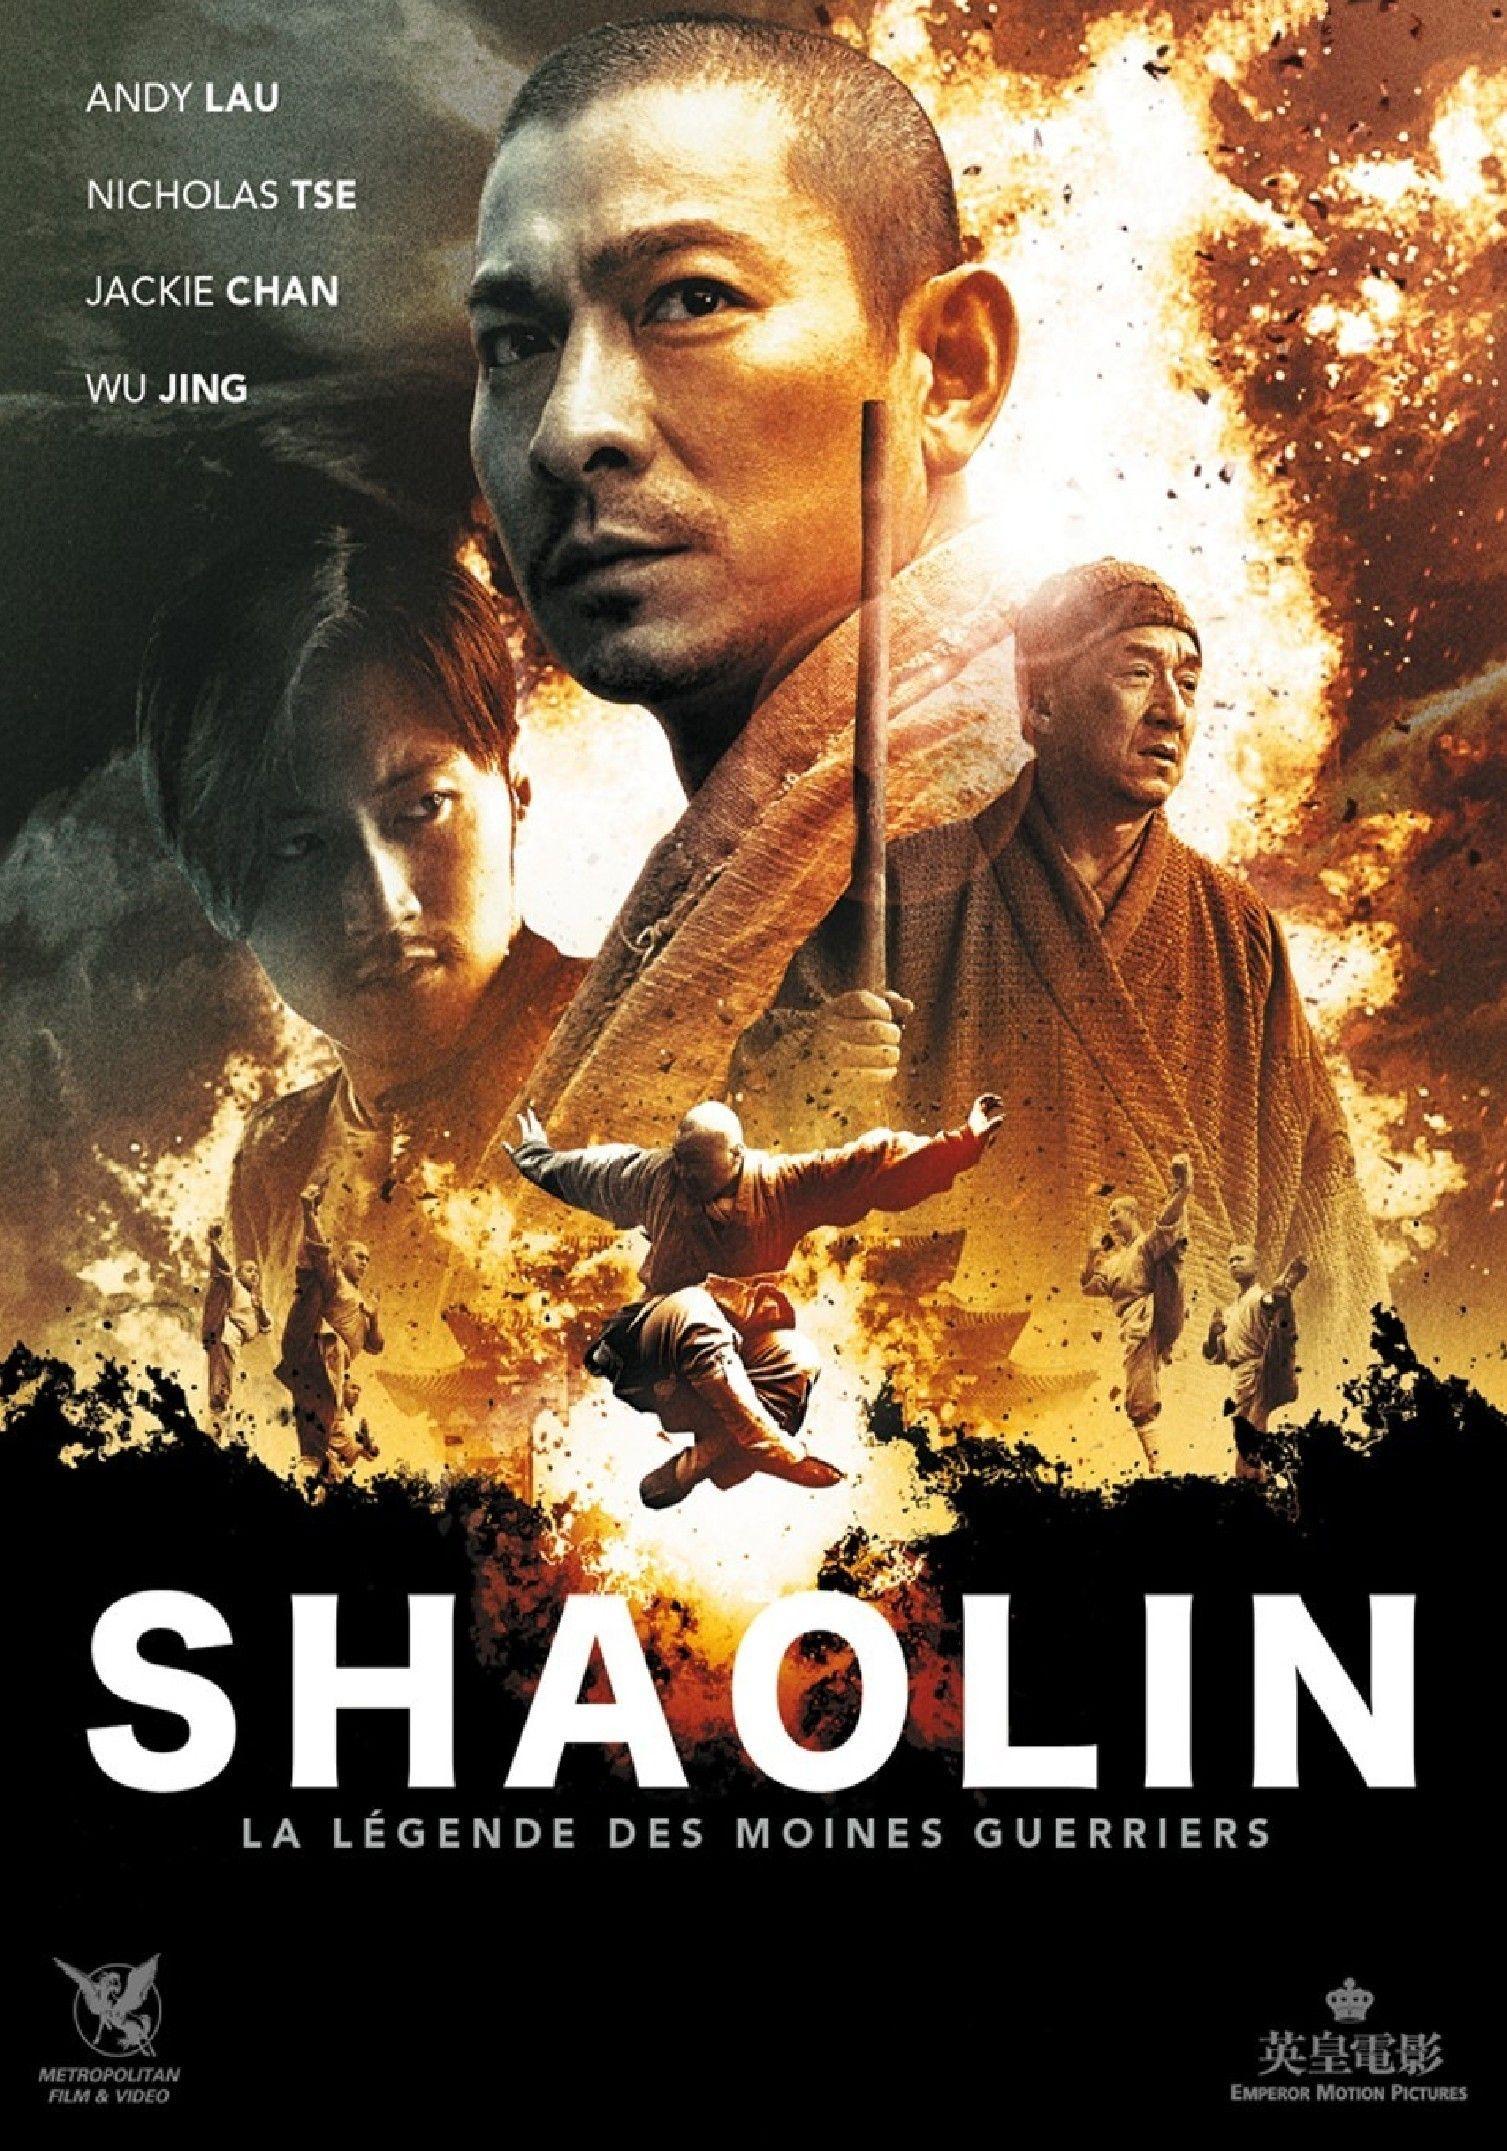 shaolin (film)